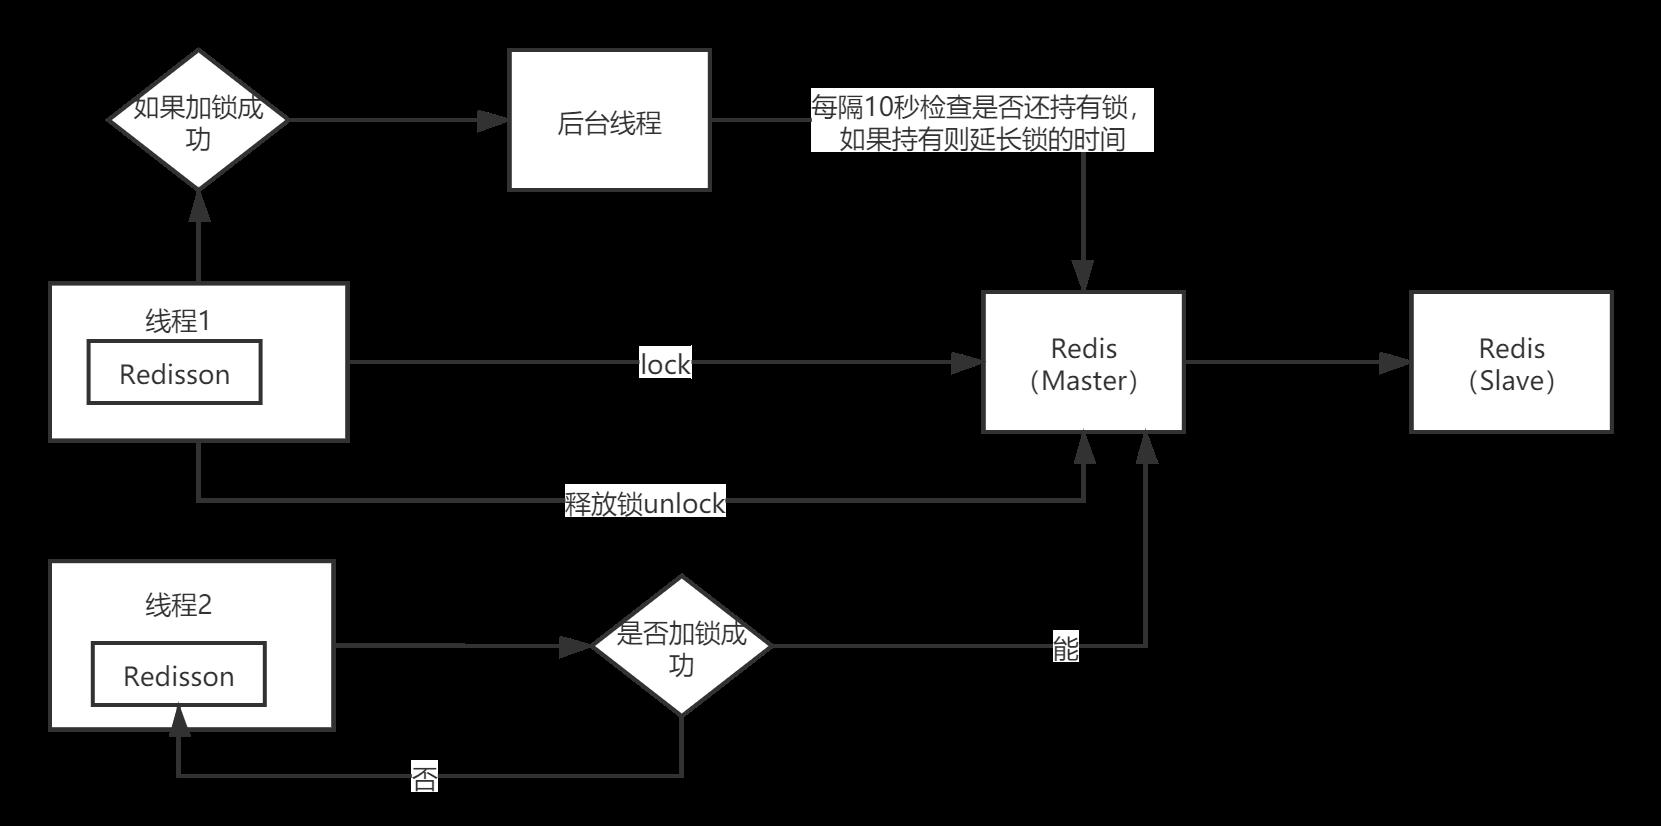 redisson的分布式锁实现原理